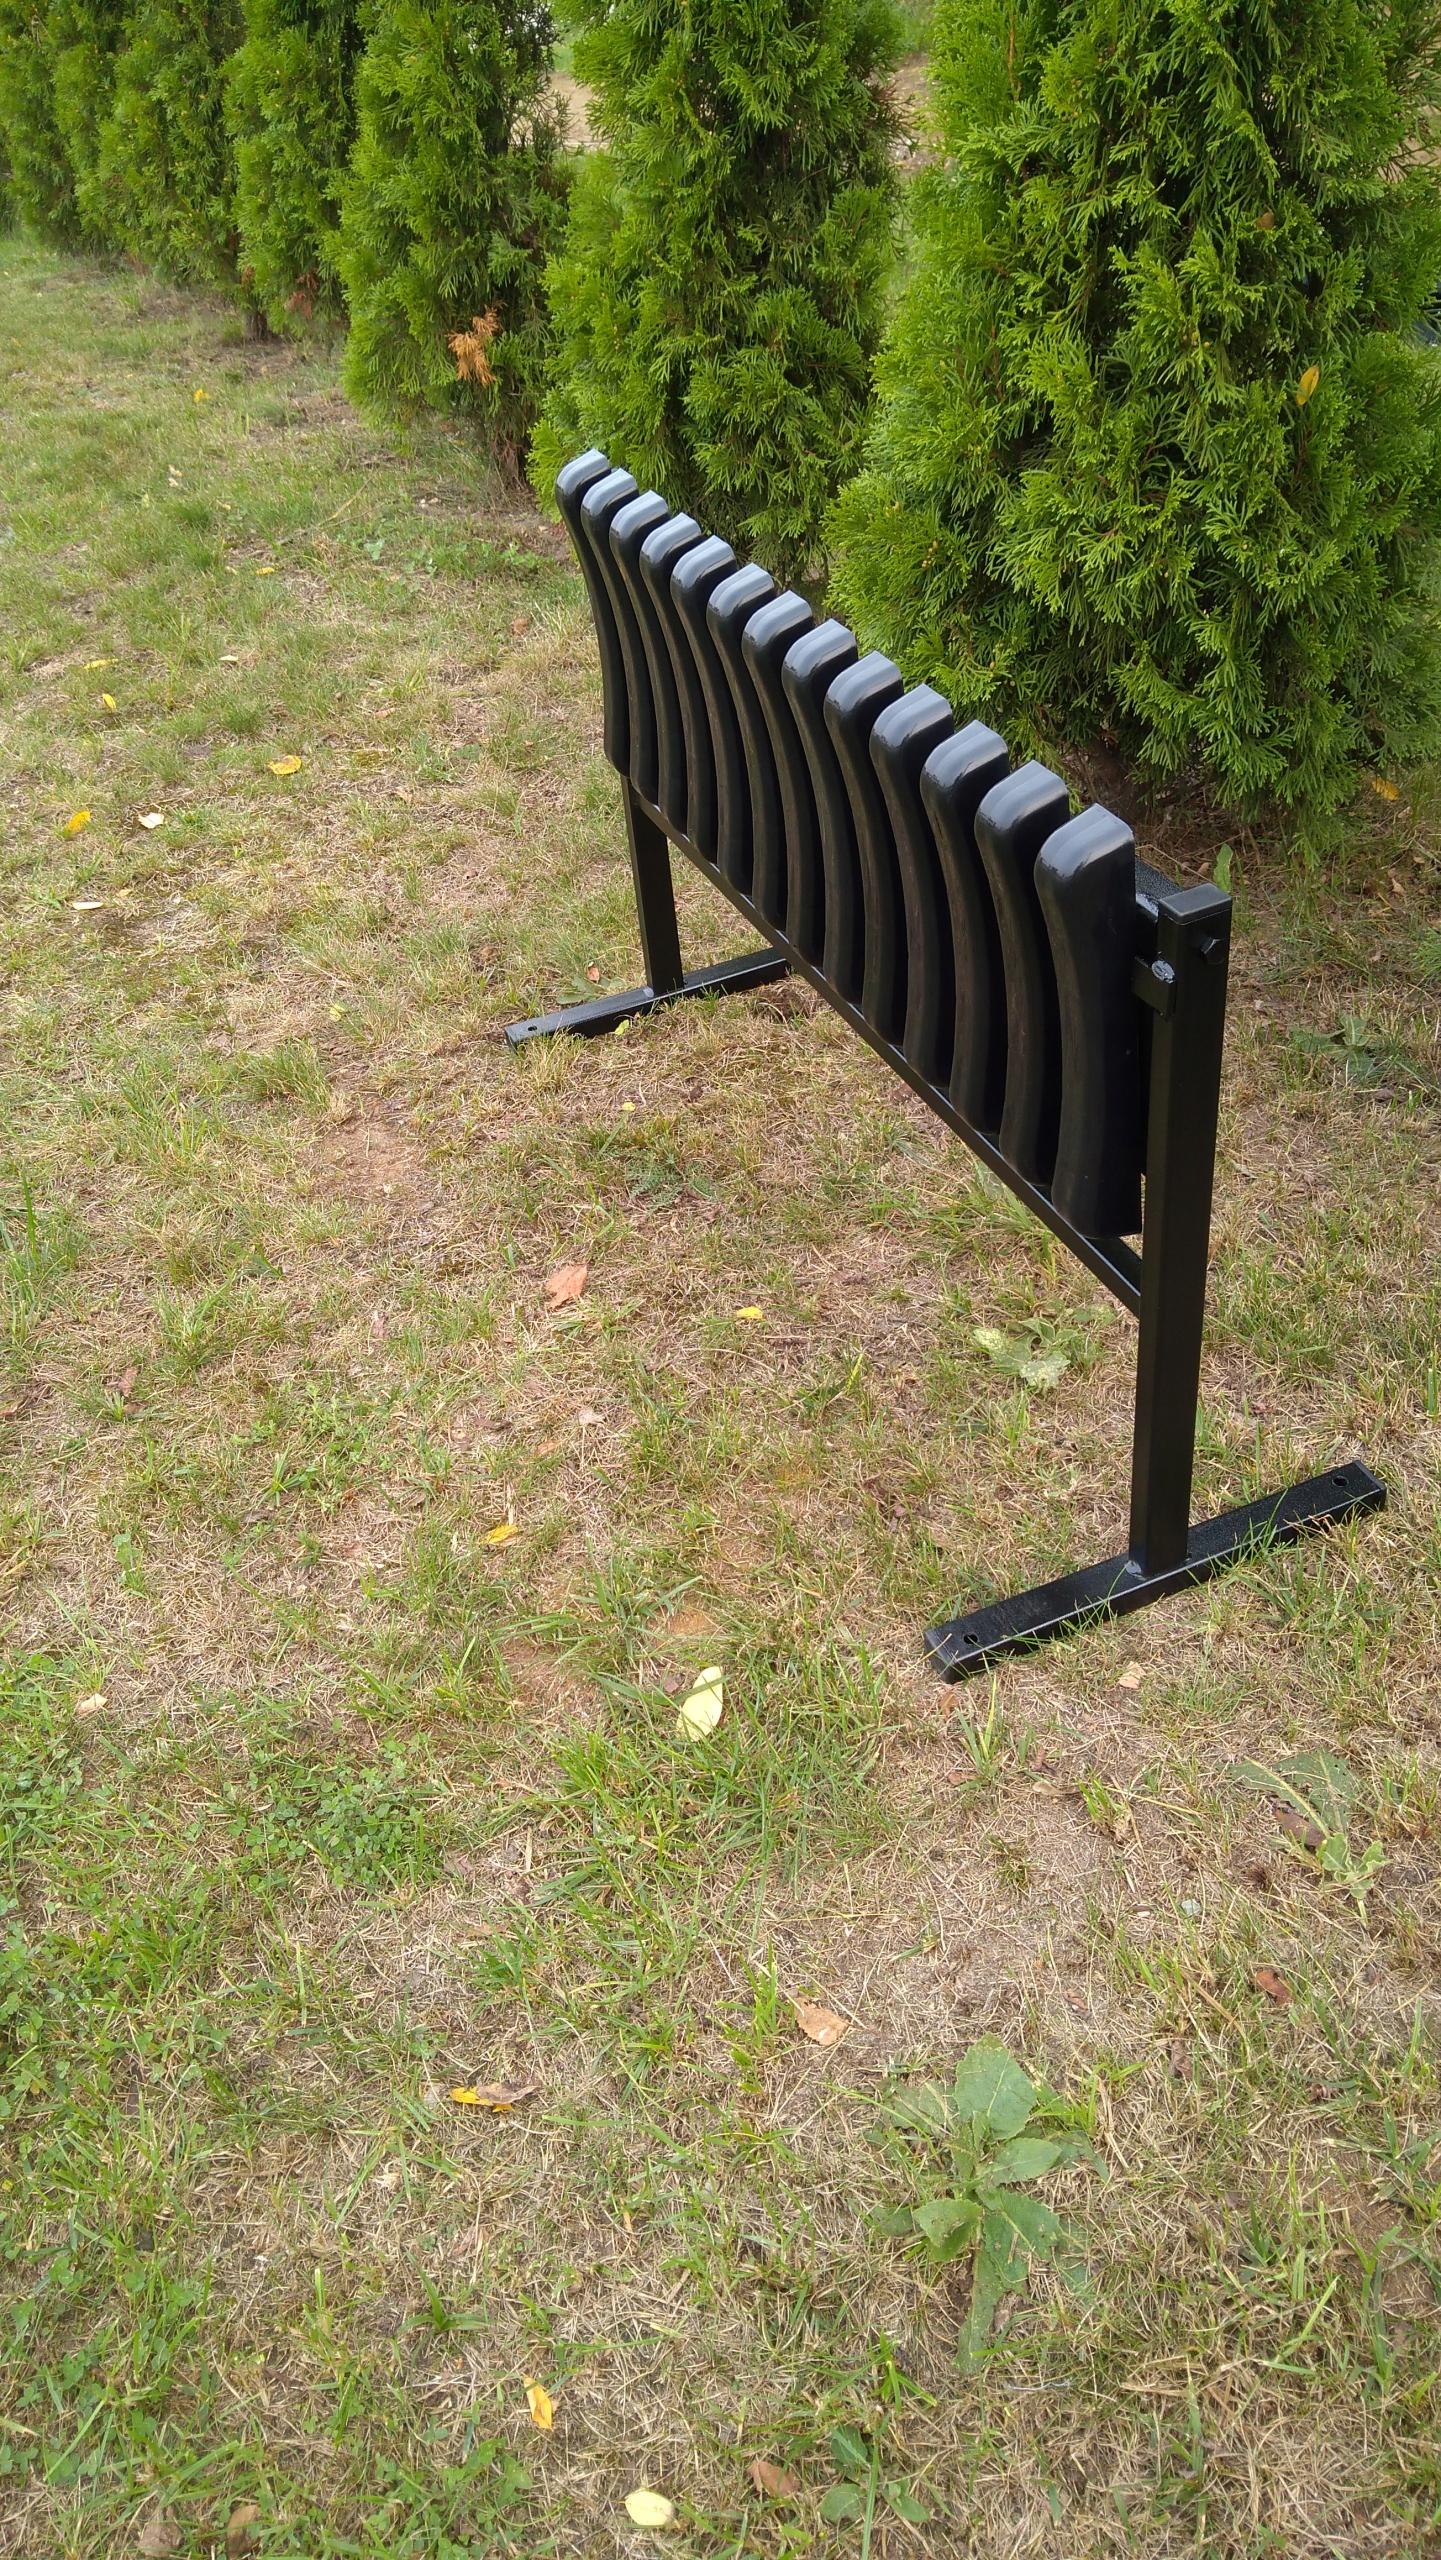 cintorínska lavica, priskrutkovaná, priskrutkovaná SOLID Kód produktu W2 / 82